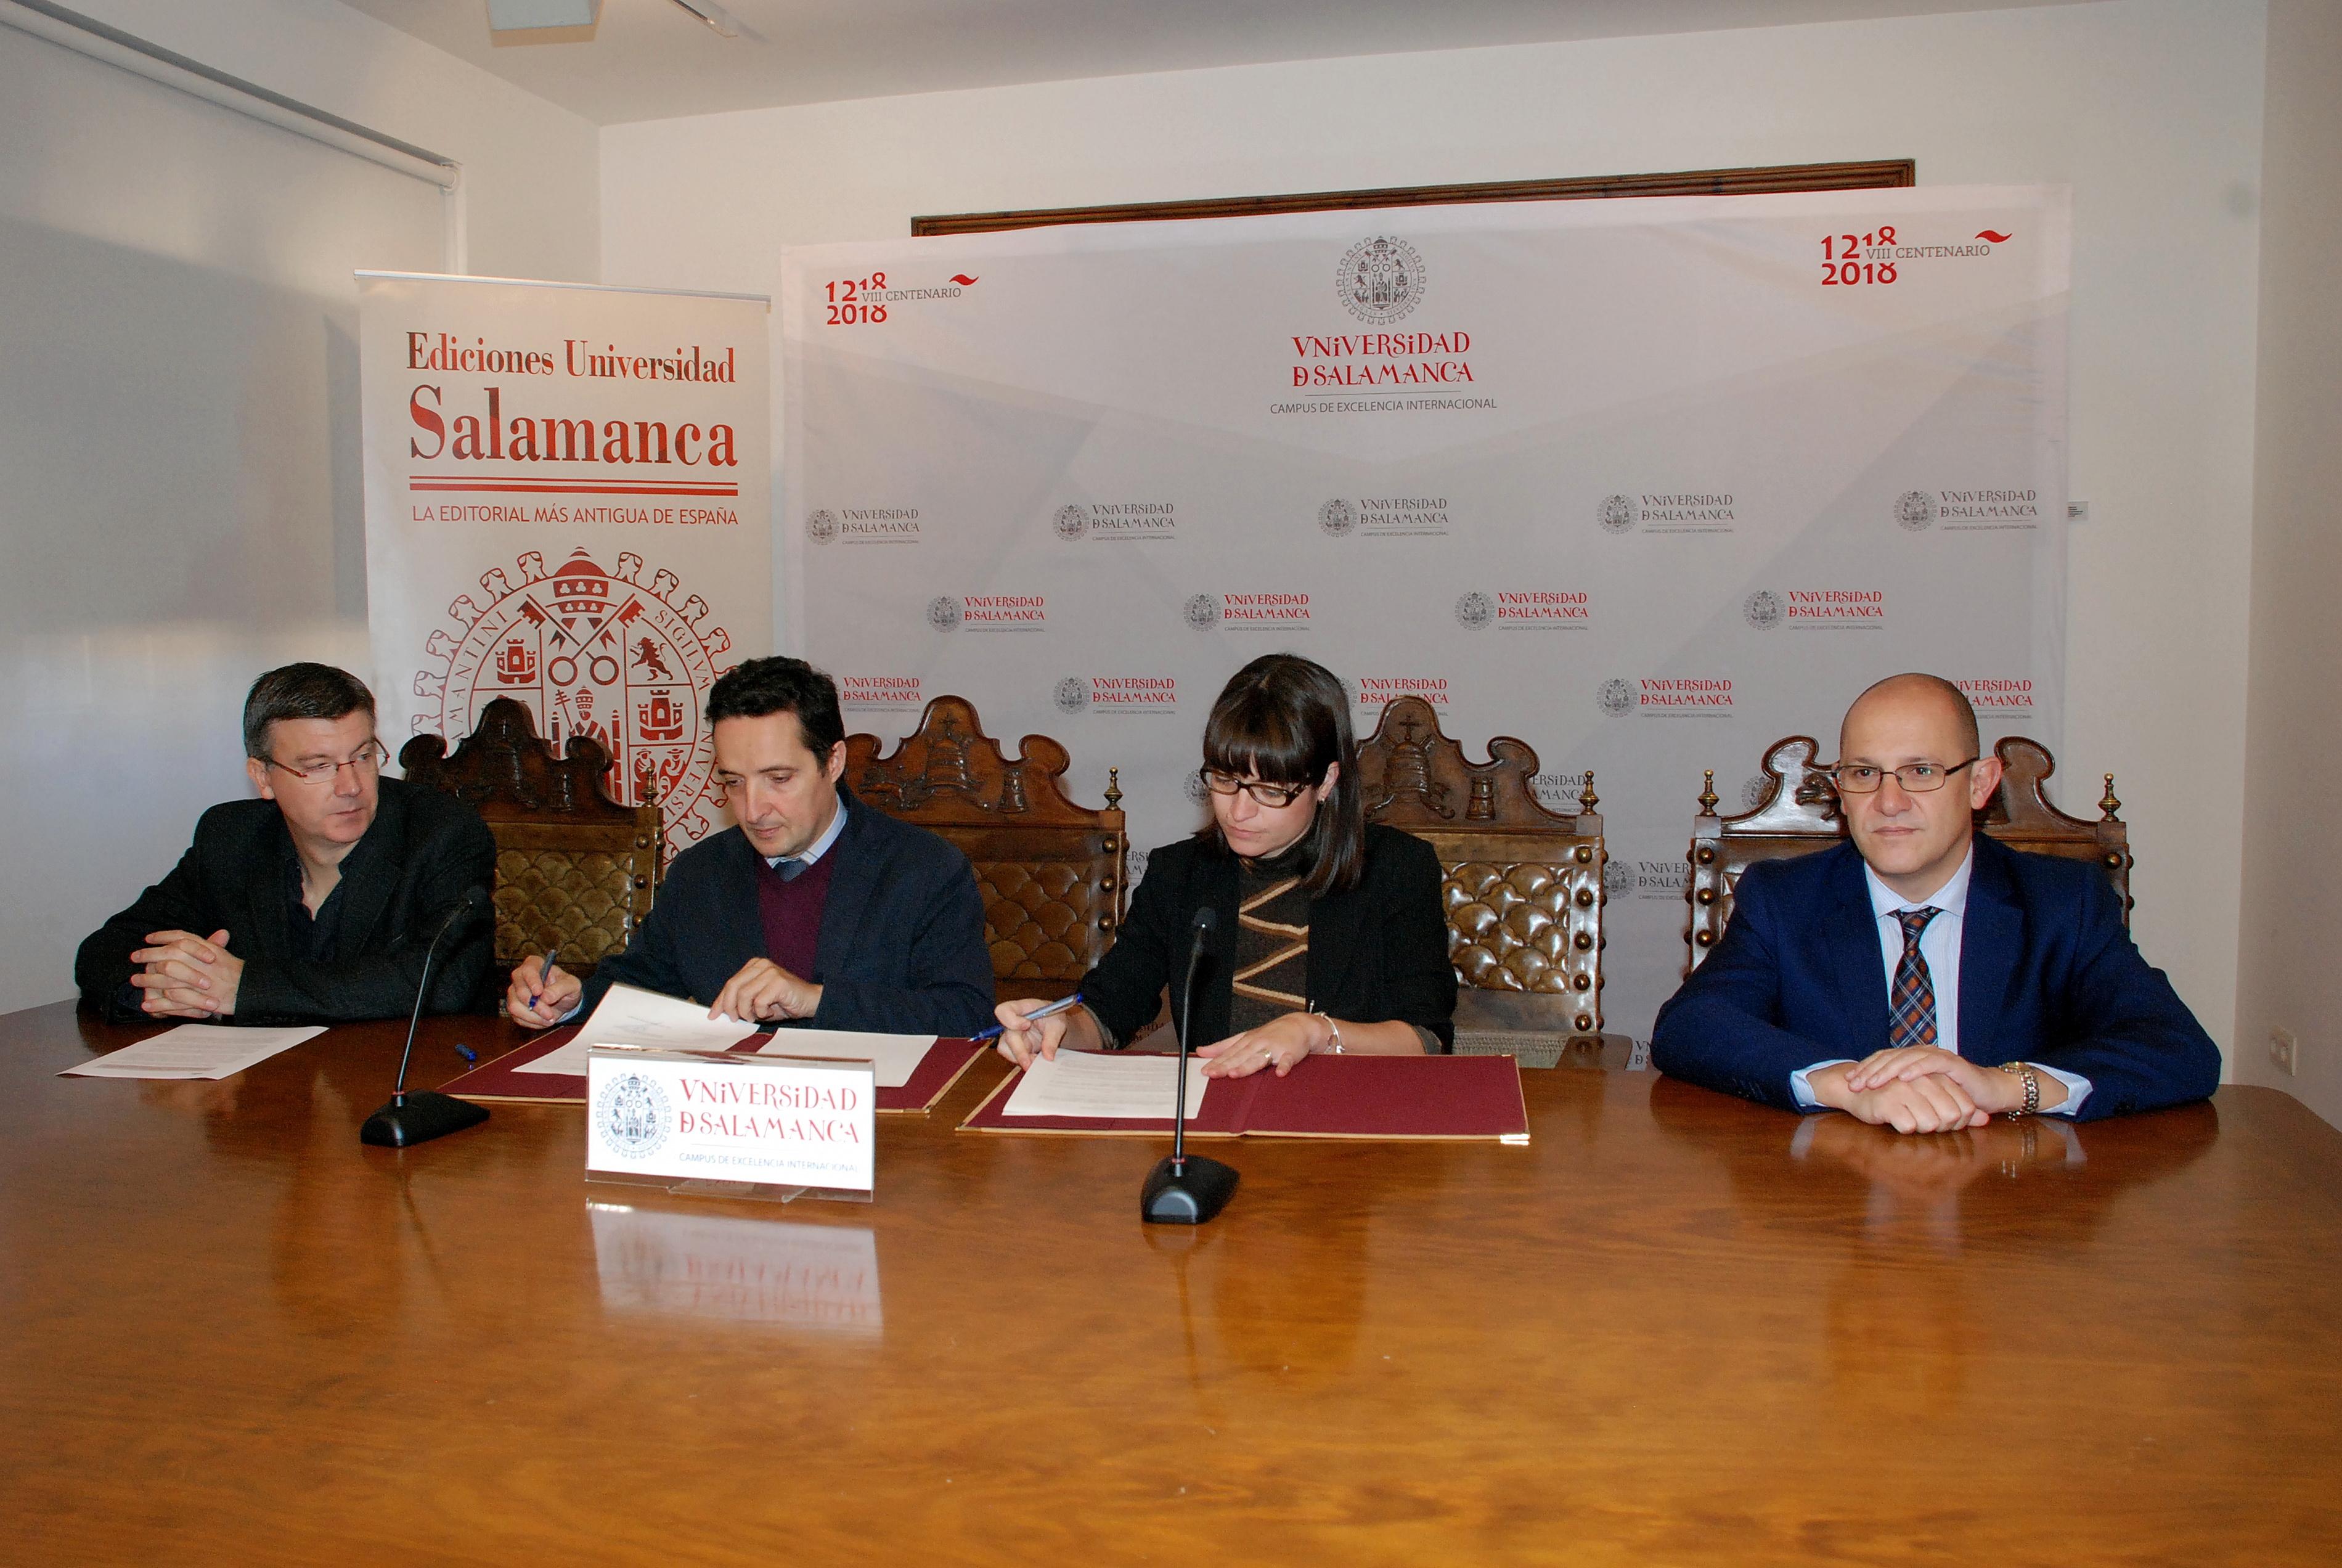 Ediciones Universidad de Salamanca crea una alianza estratégica con Tirant Lo Blanch para la publicación de libros de derecho y ciencias afines